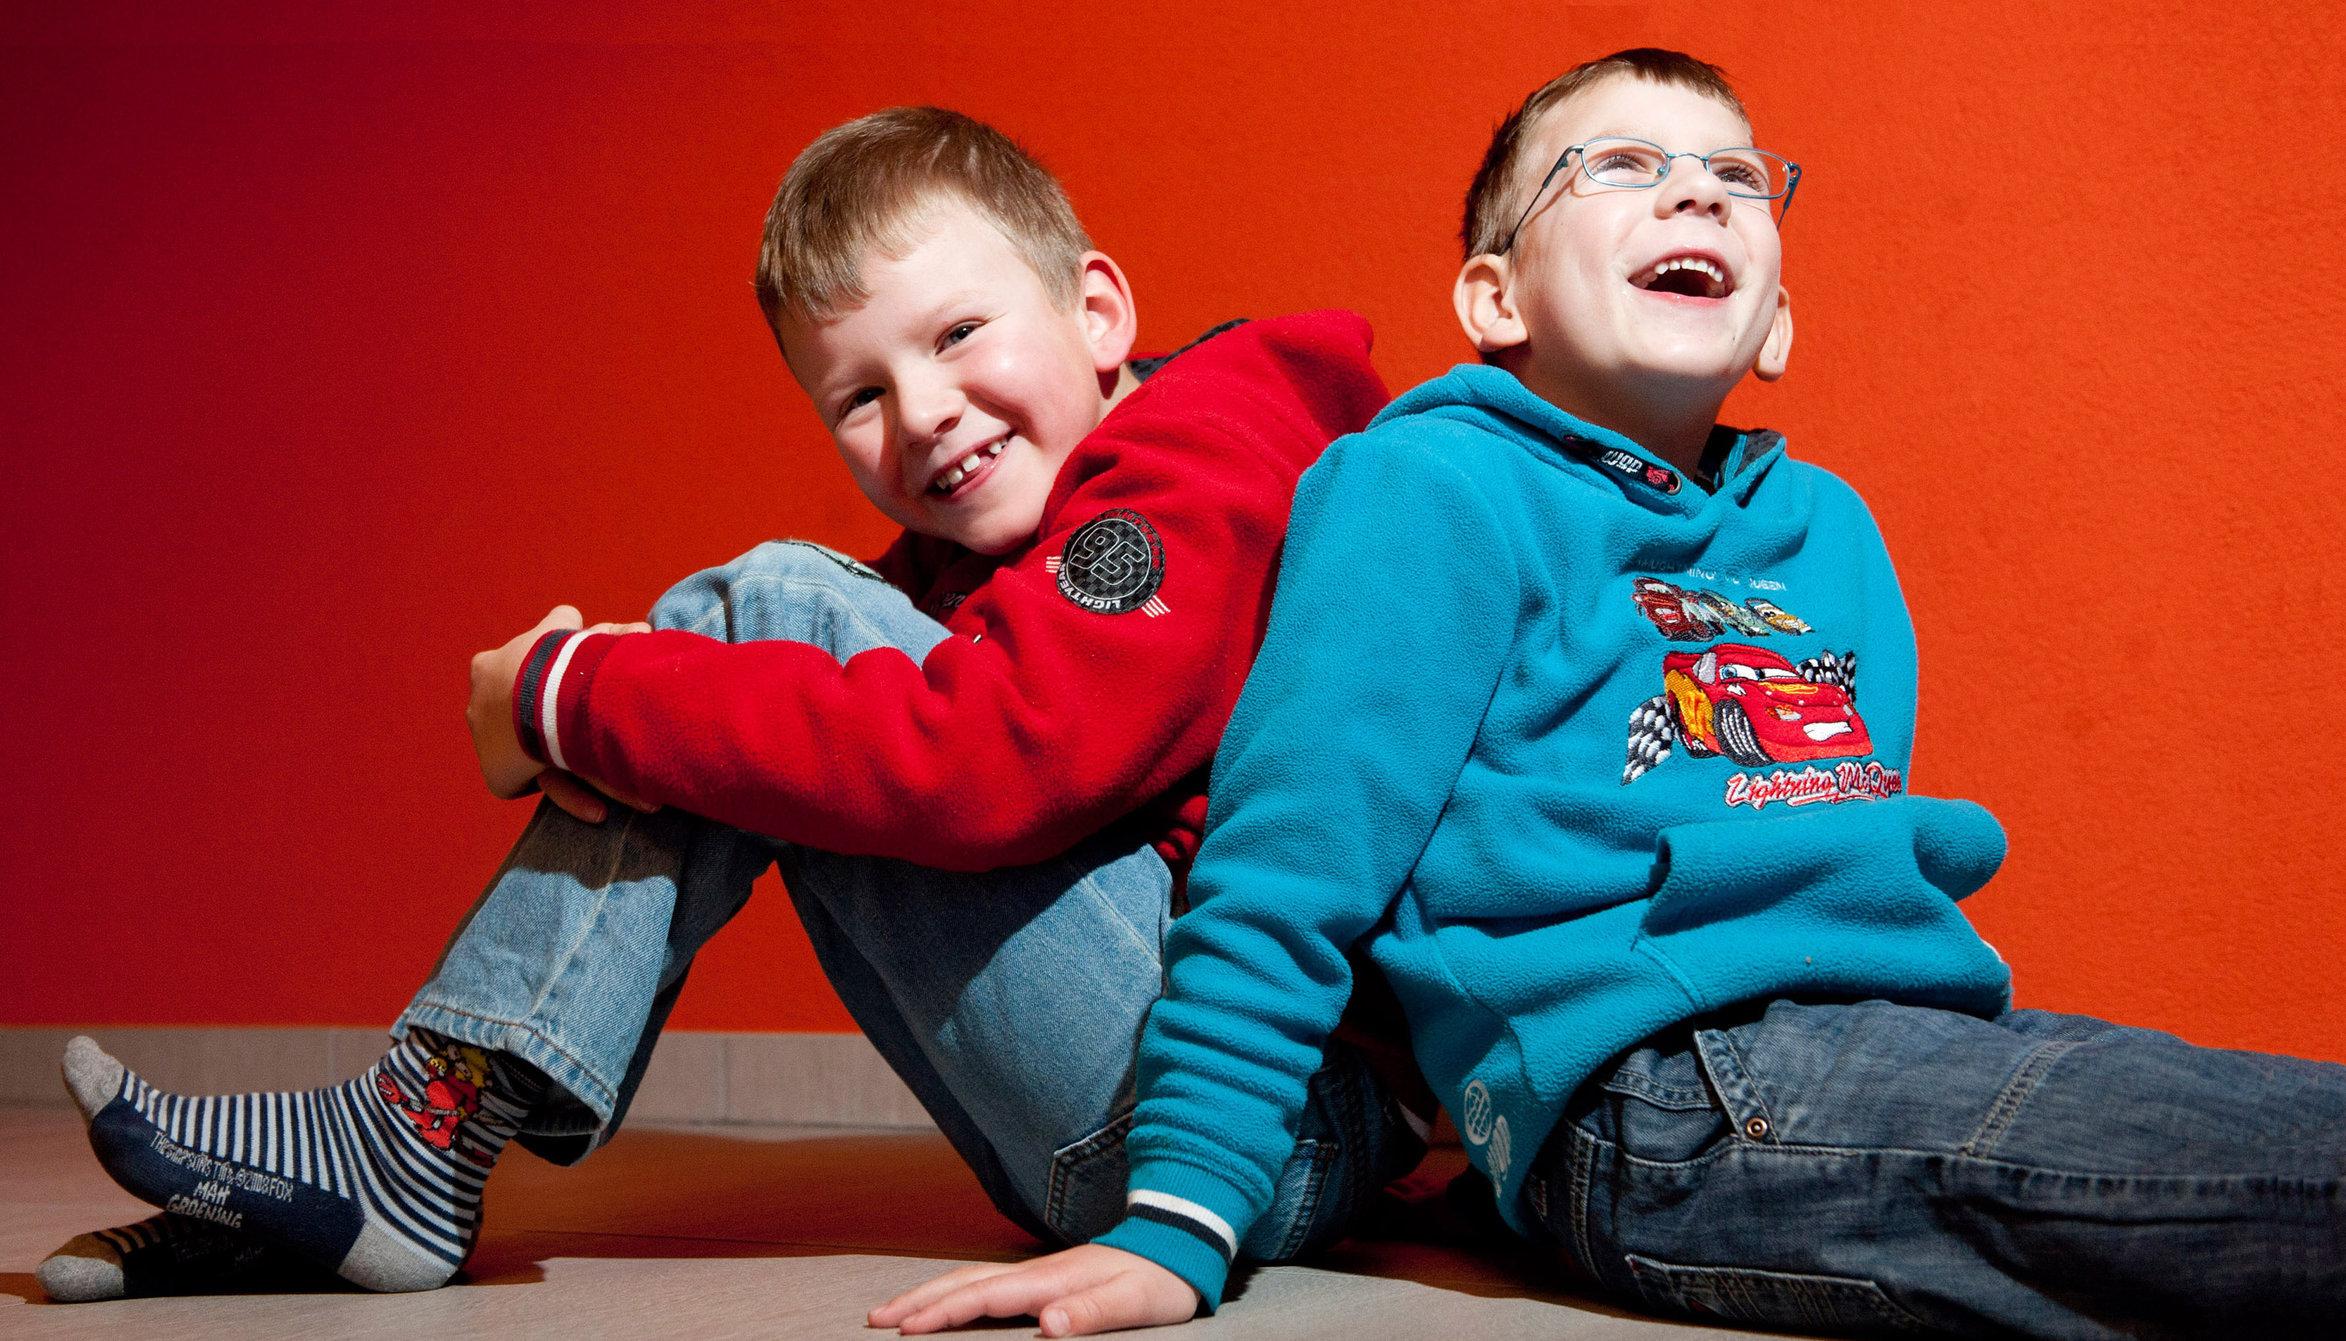 Enfants - Lausanne - 2011